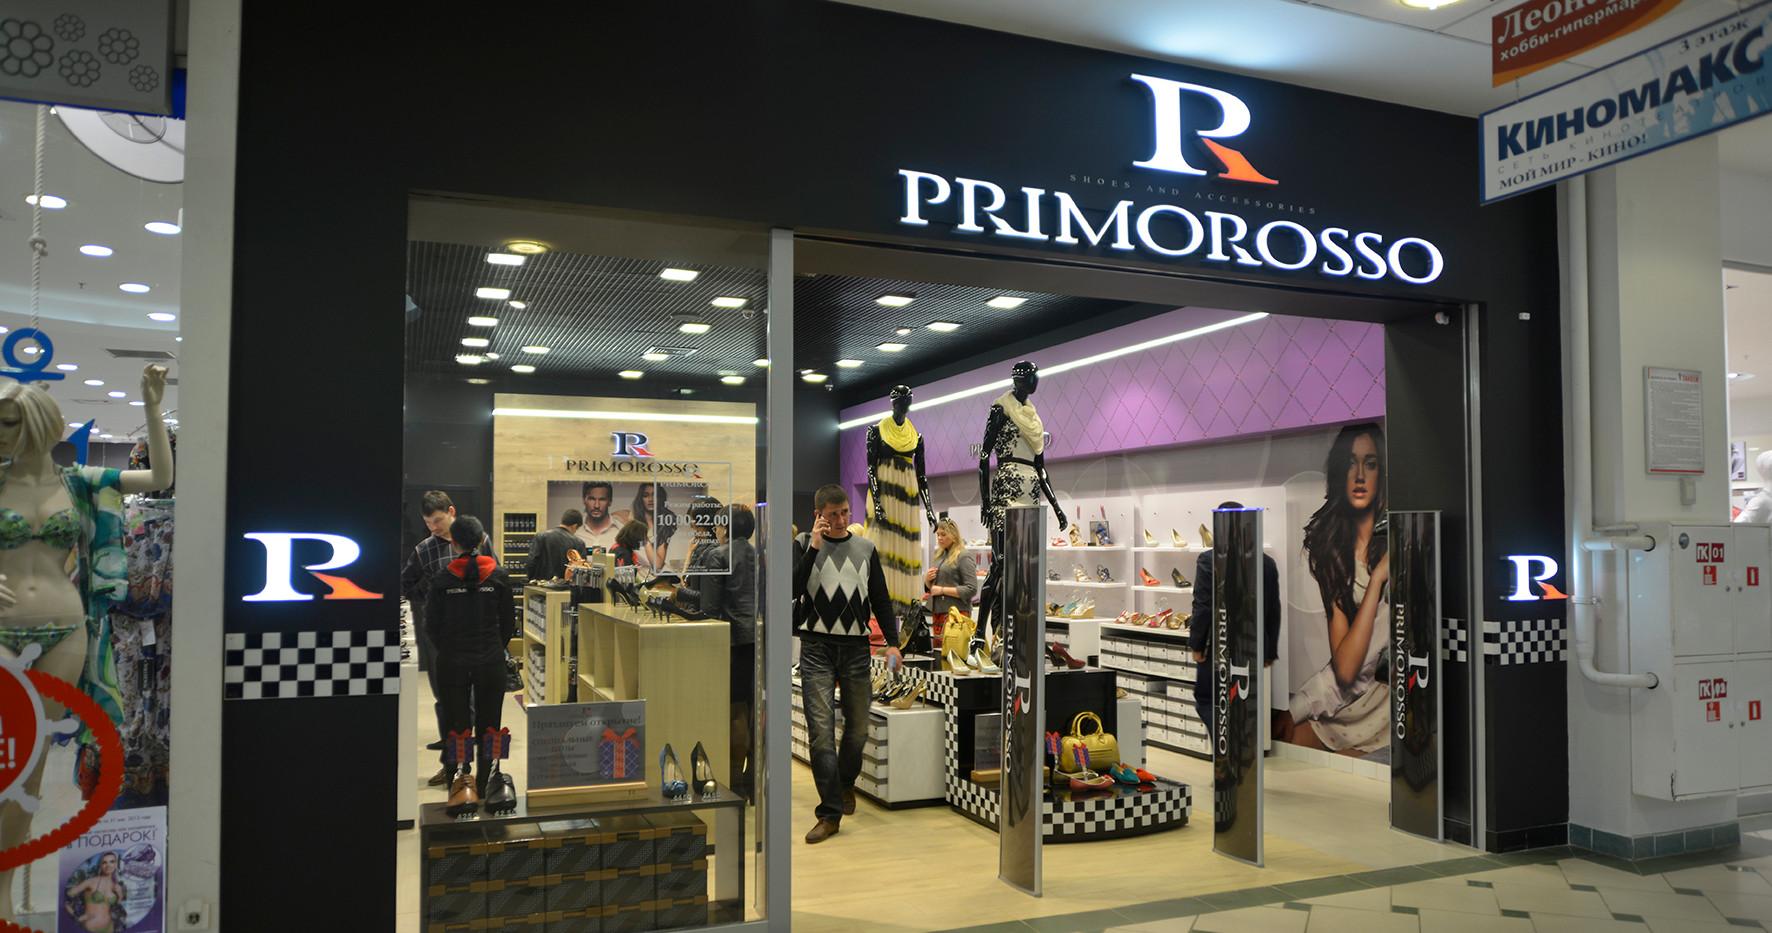 PRIMOROSSO